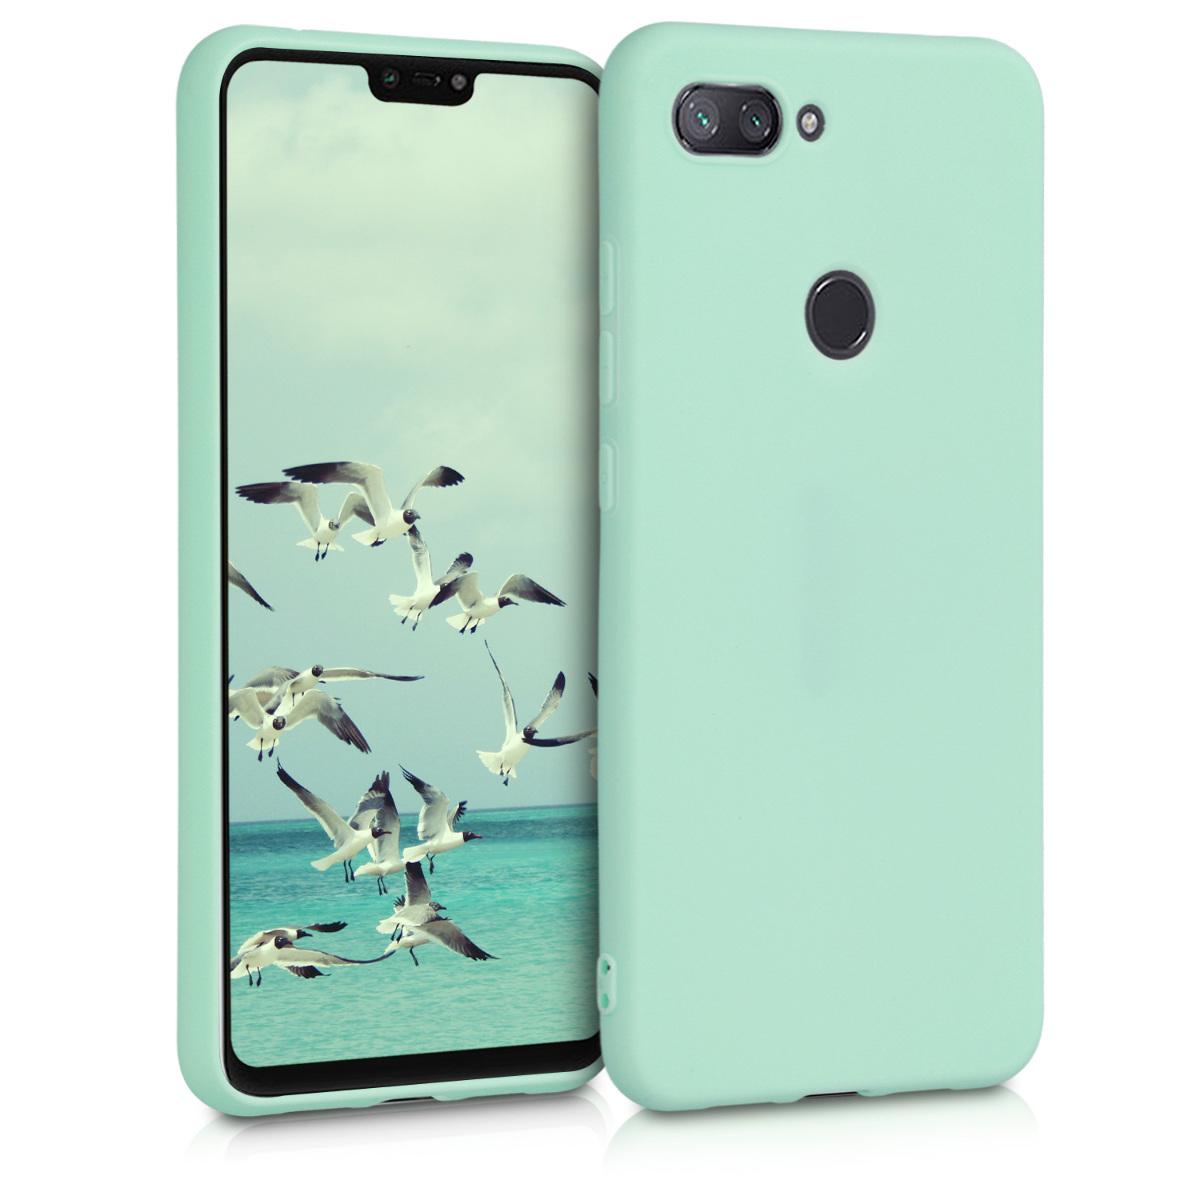 KW Θήκη Σιλικόνης Xiaomi Mi 8 Lite - Mint Matte (46451.50)